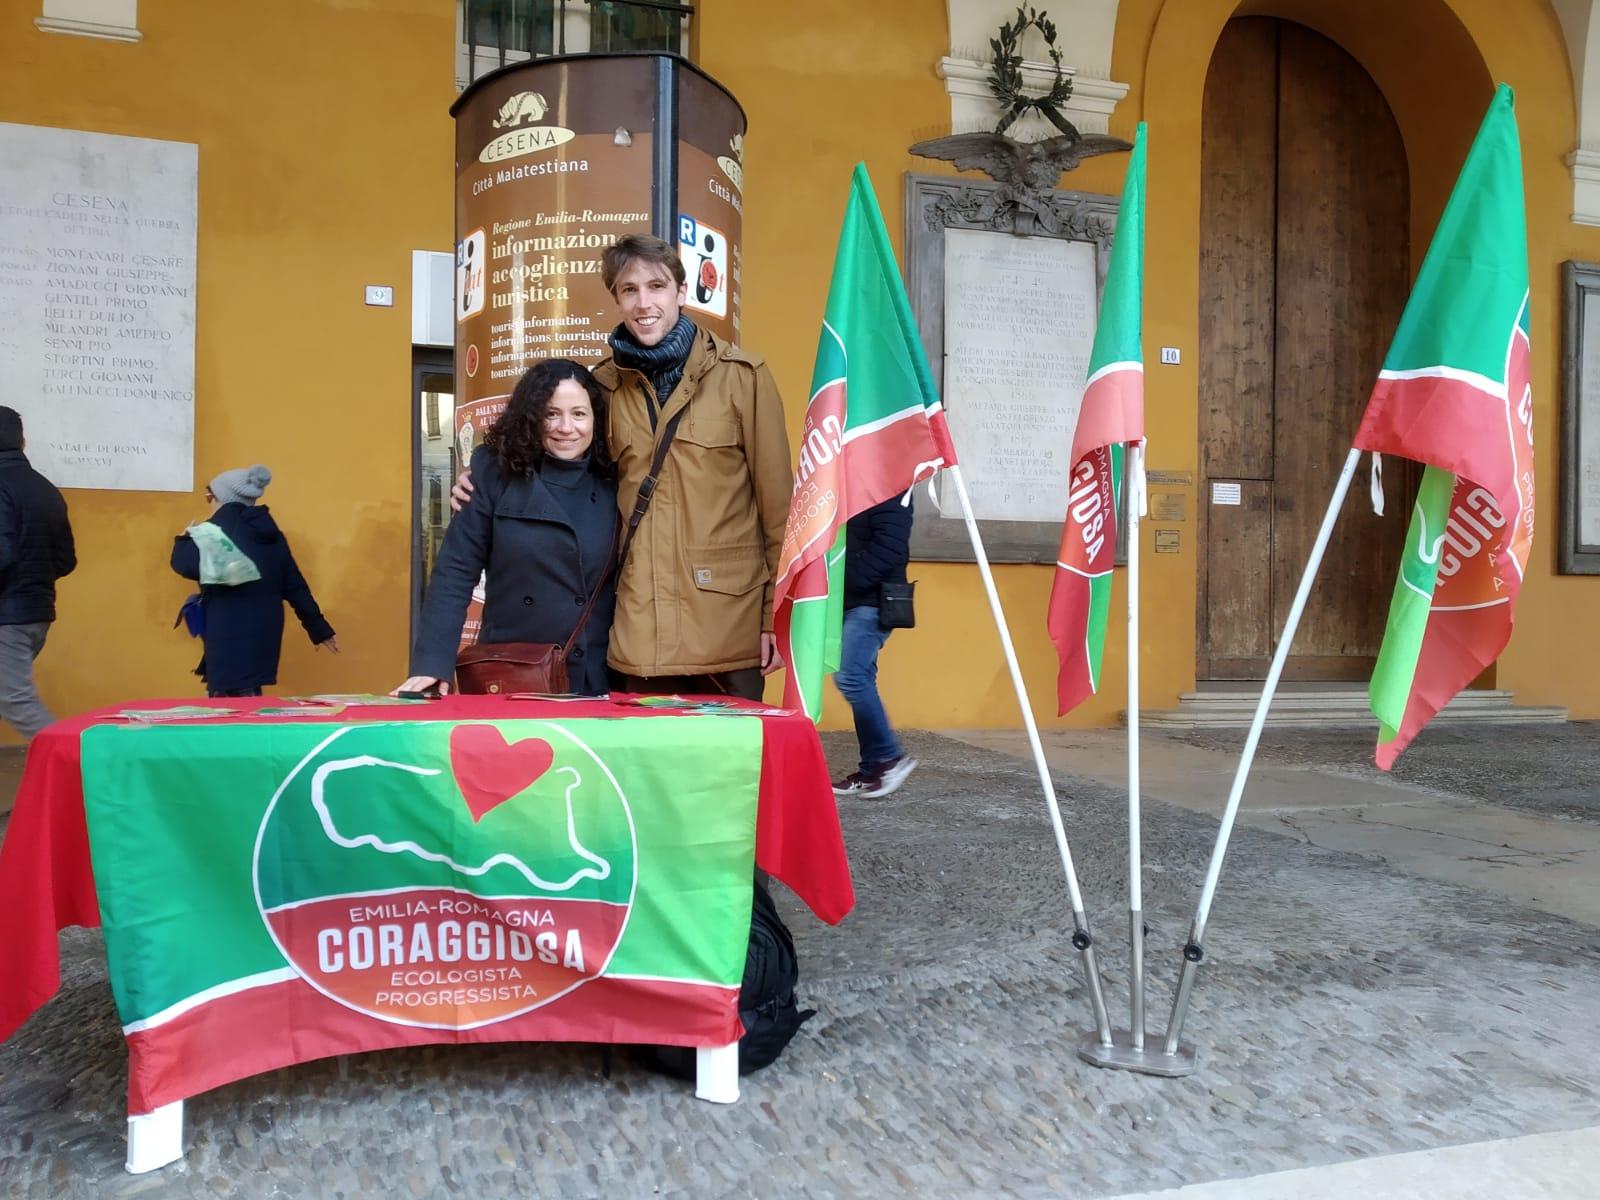 Cecilia-Alagna-Emilia-Romagna-Coraggiosa